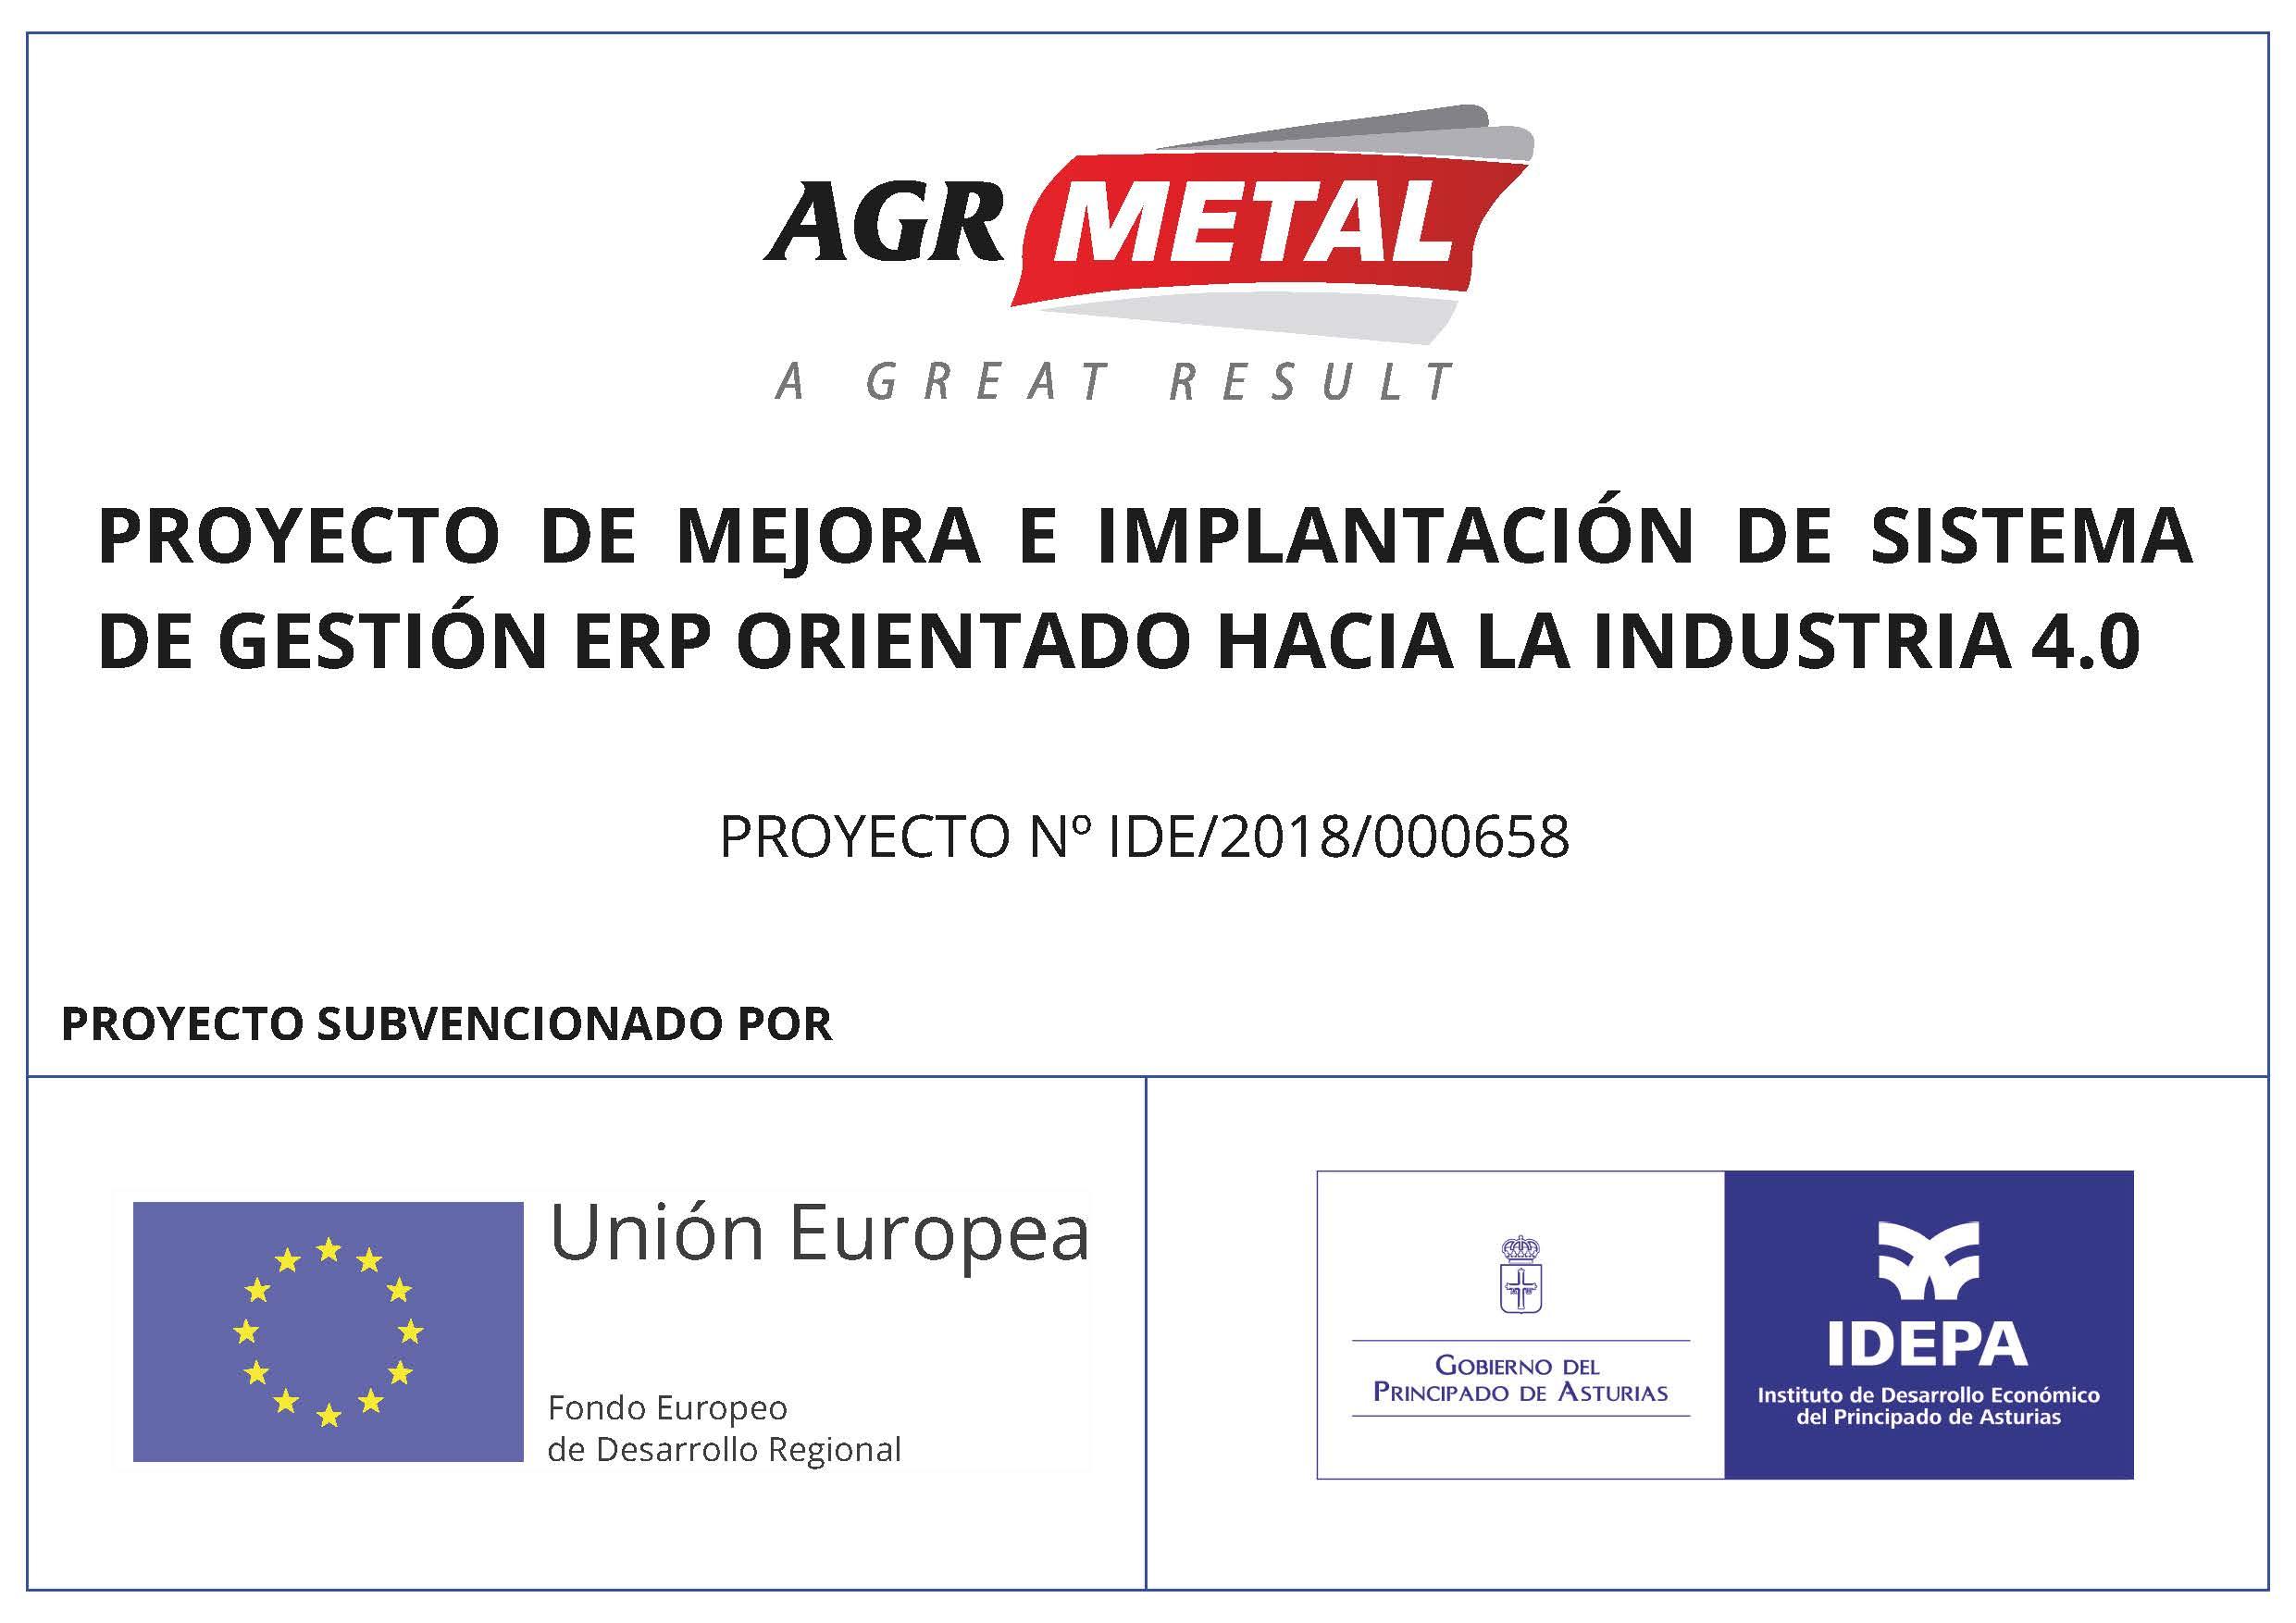 PROYECTO DE MEJORA E IMPLANTACIÓN DE SISTEMA DE GESTIÓN ERP ORIENTADO HACIA LA INDUSTRIA 4.0